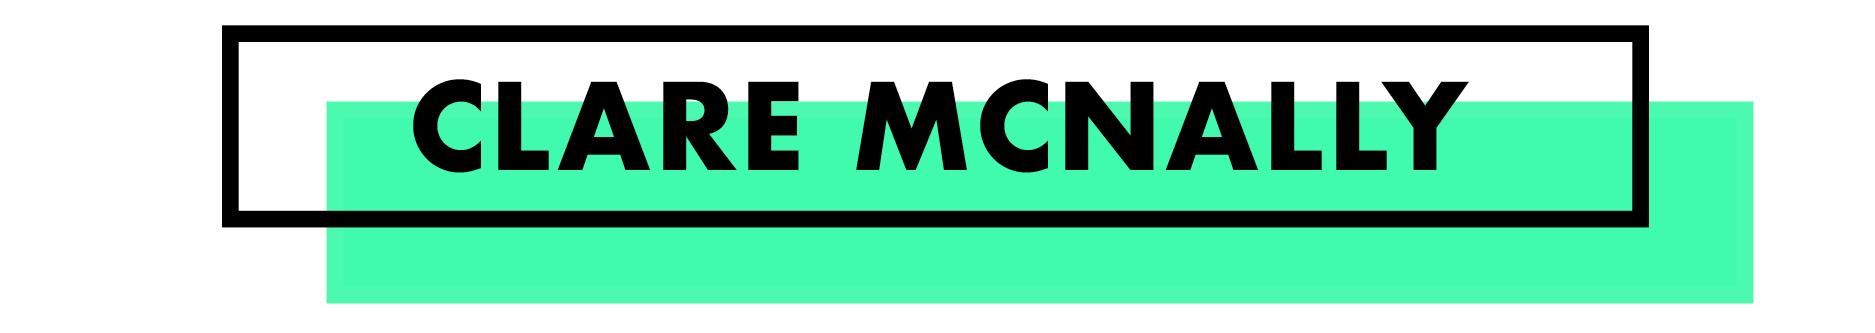 Green_VMFF19_clare_mcnally_2